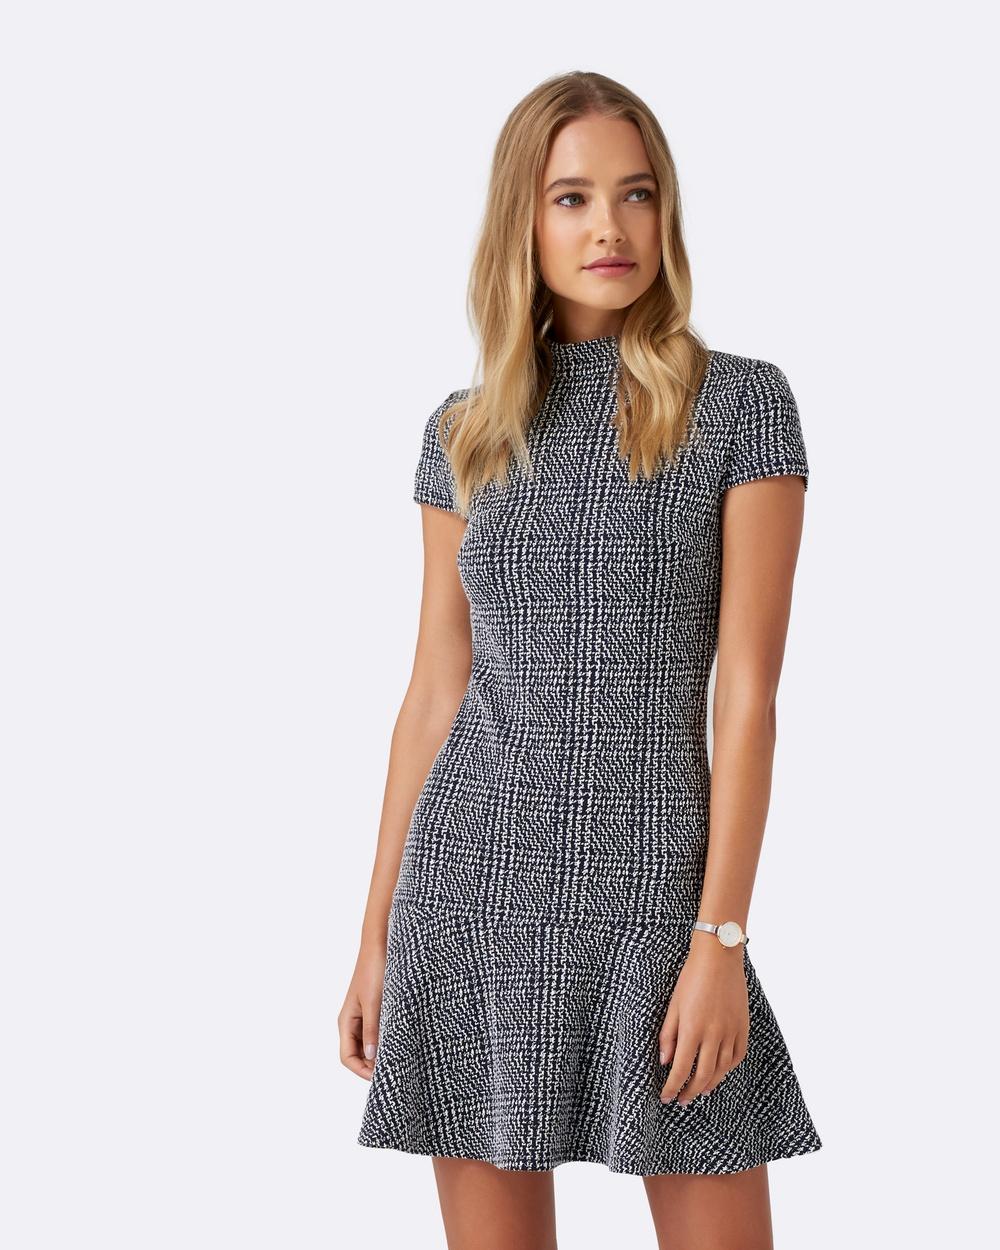 Forever New Jilly High Neck Flippy Hem Dress Dresses Navy Multi Jilly High Neck Flippy Hem Dress